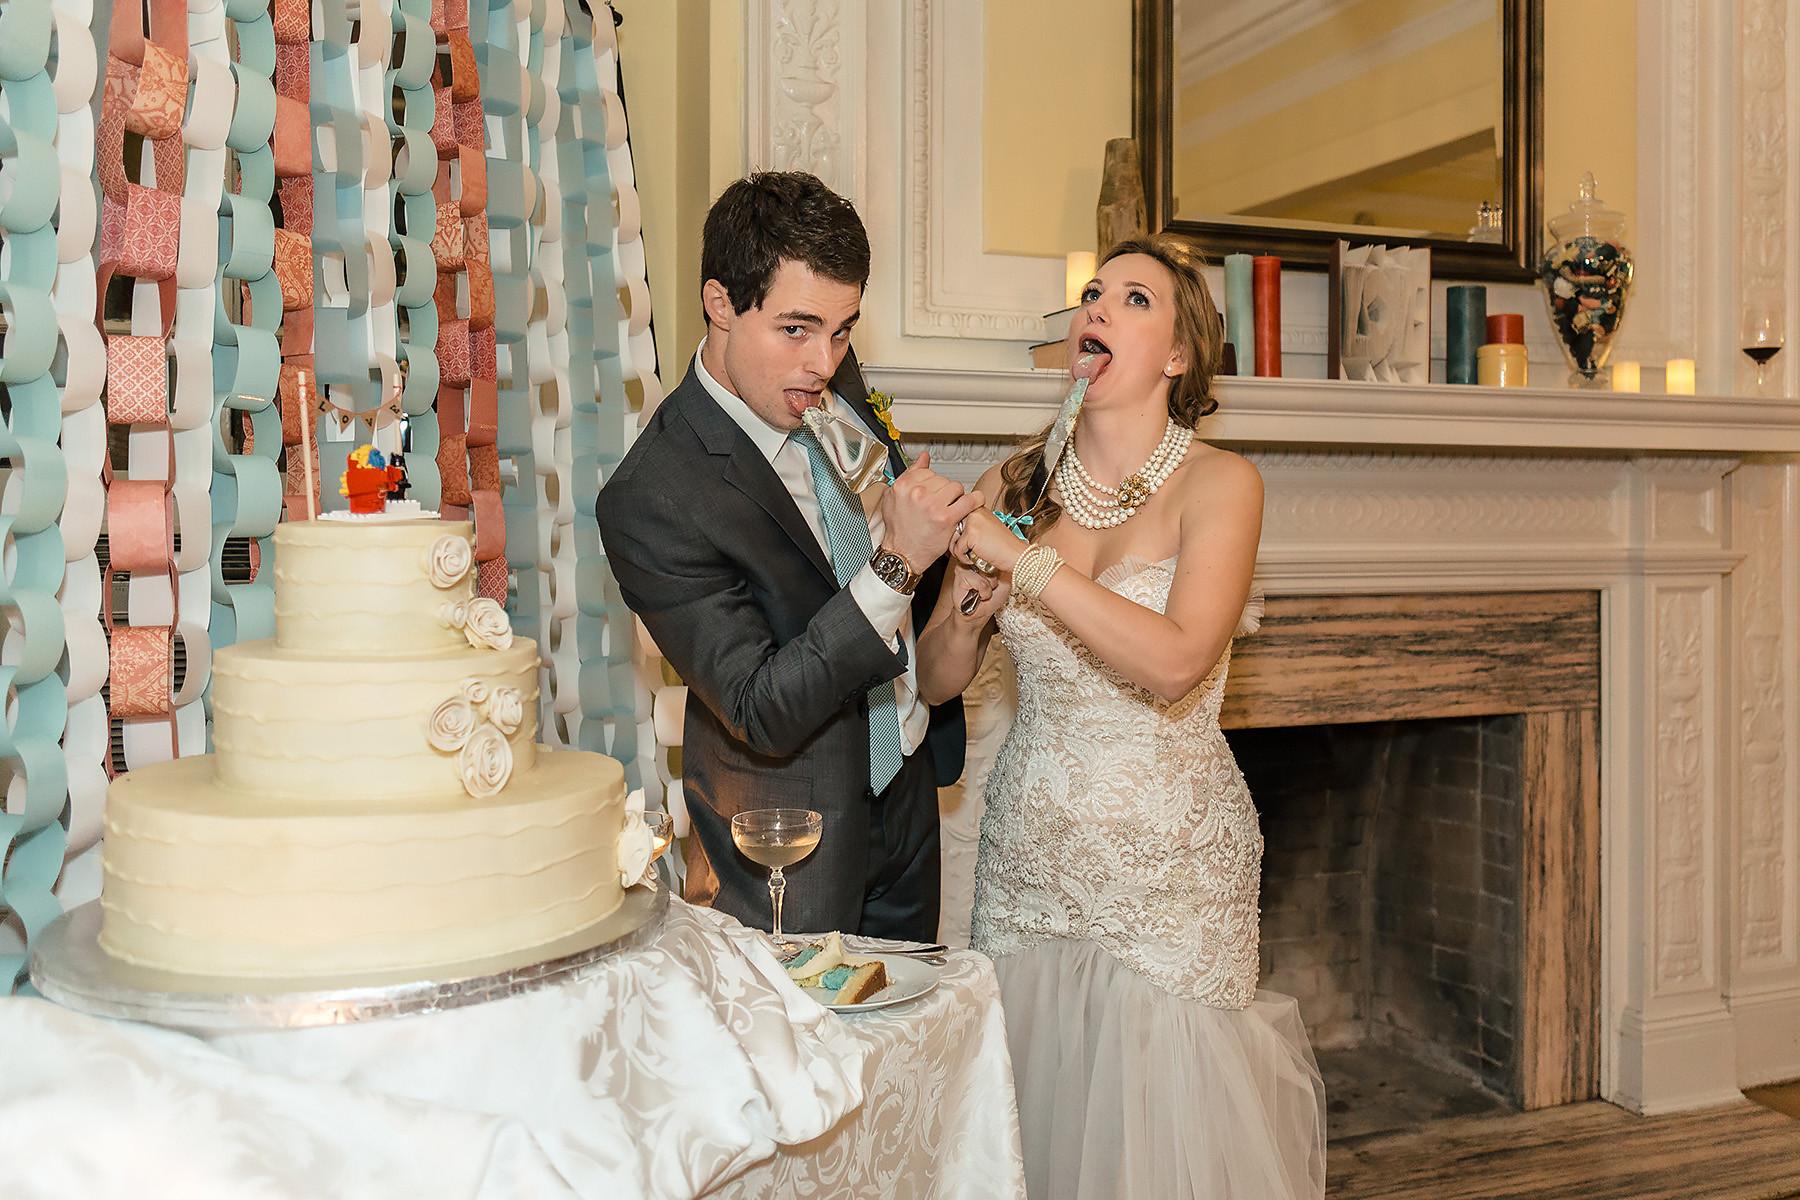 Fun Couple Cutting the Cake